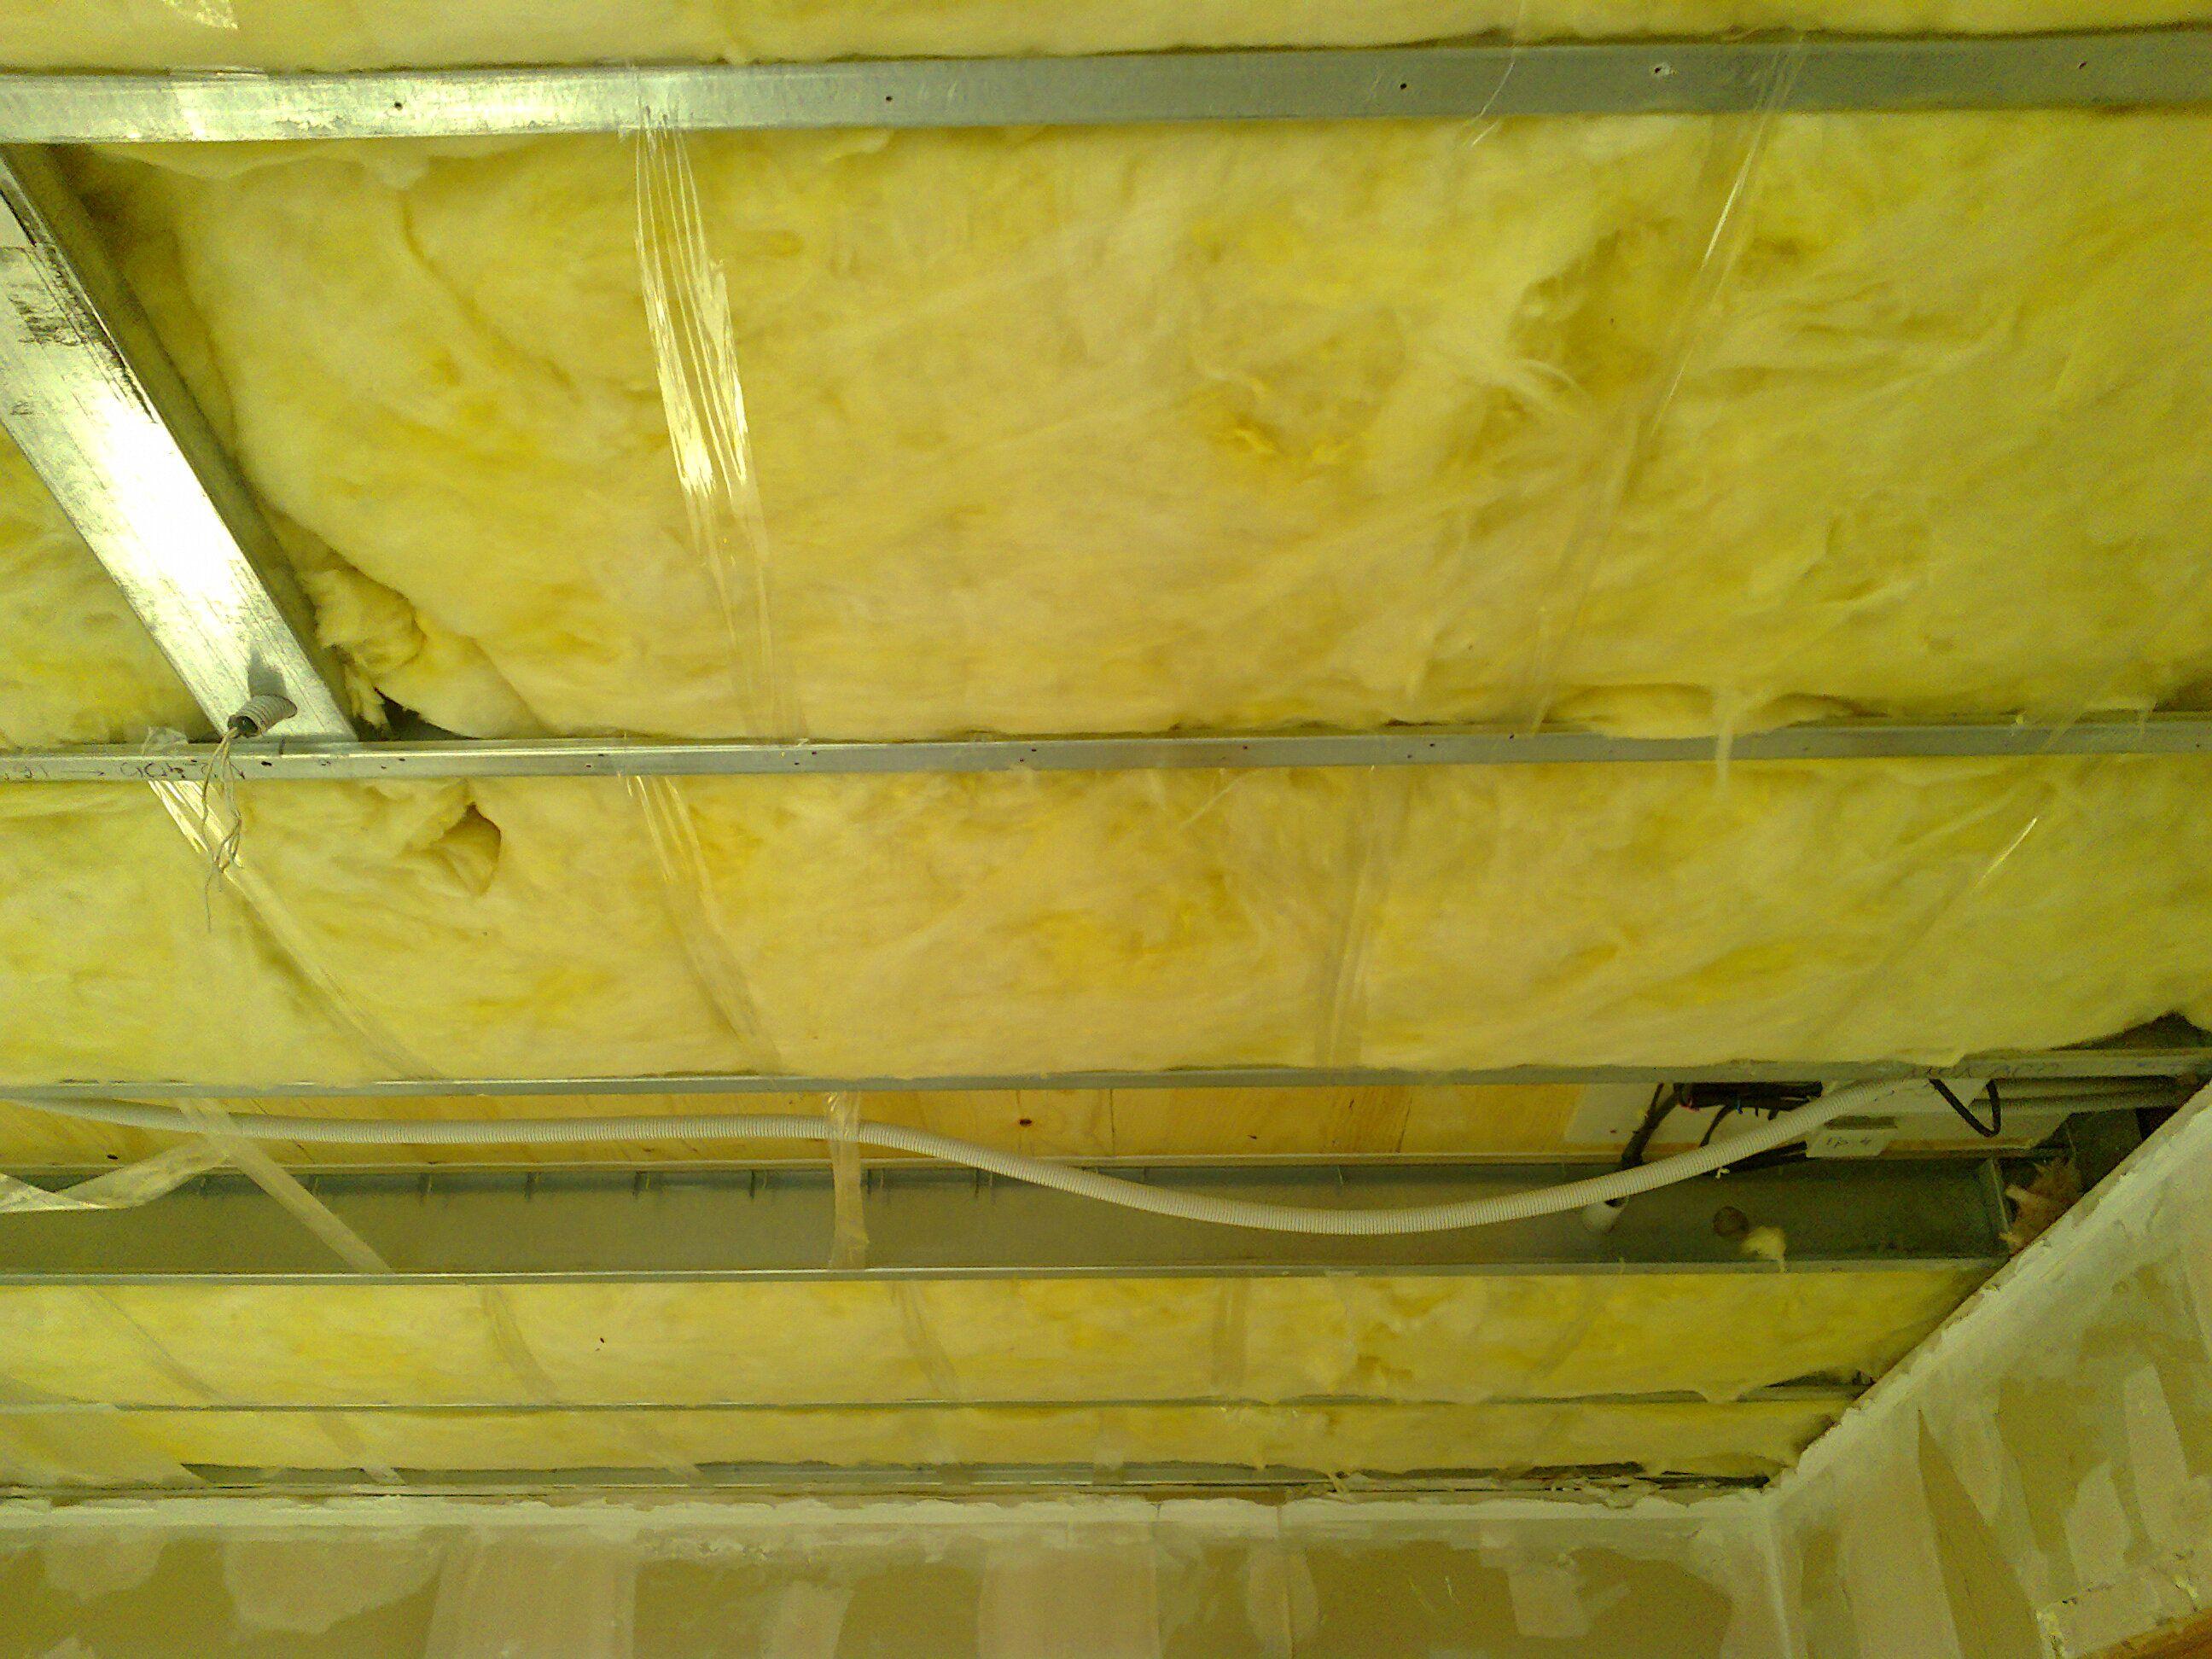 Шумоизоляции потолка в квартире своими руками: методы и 13